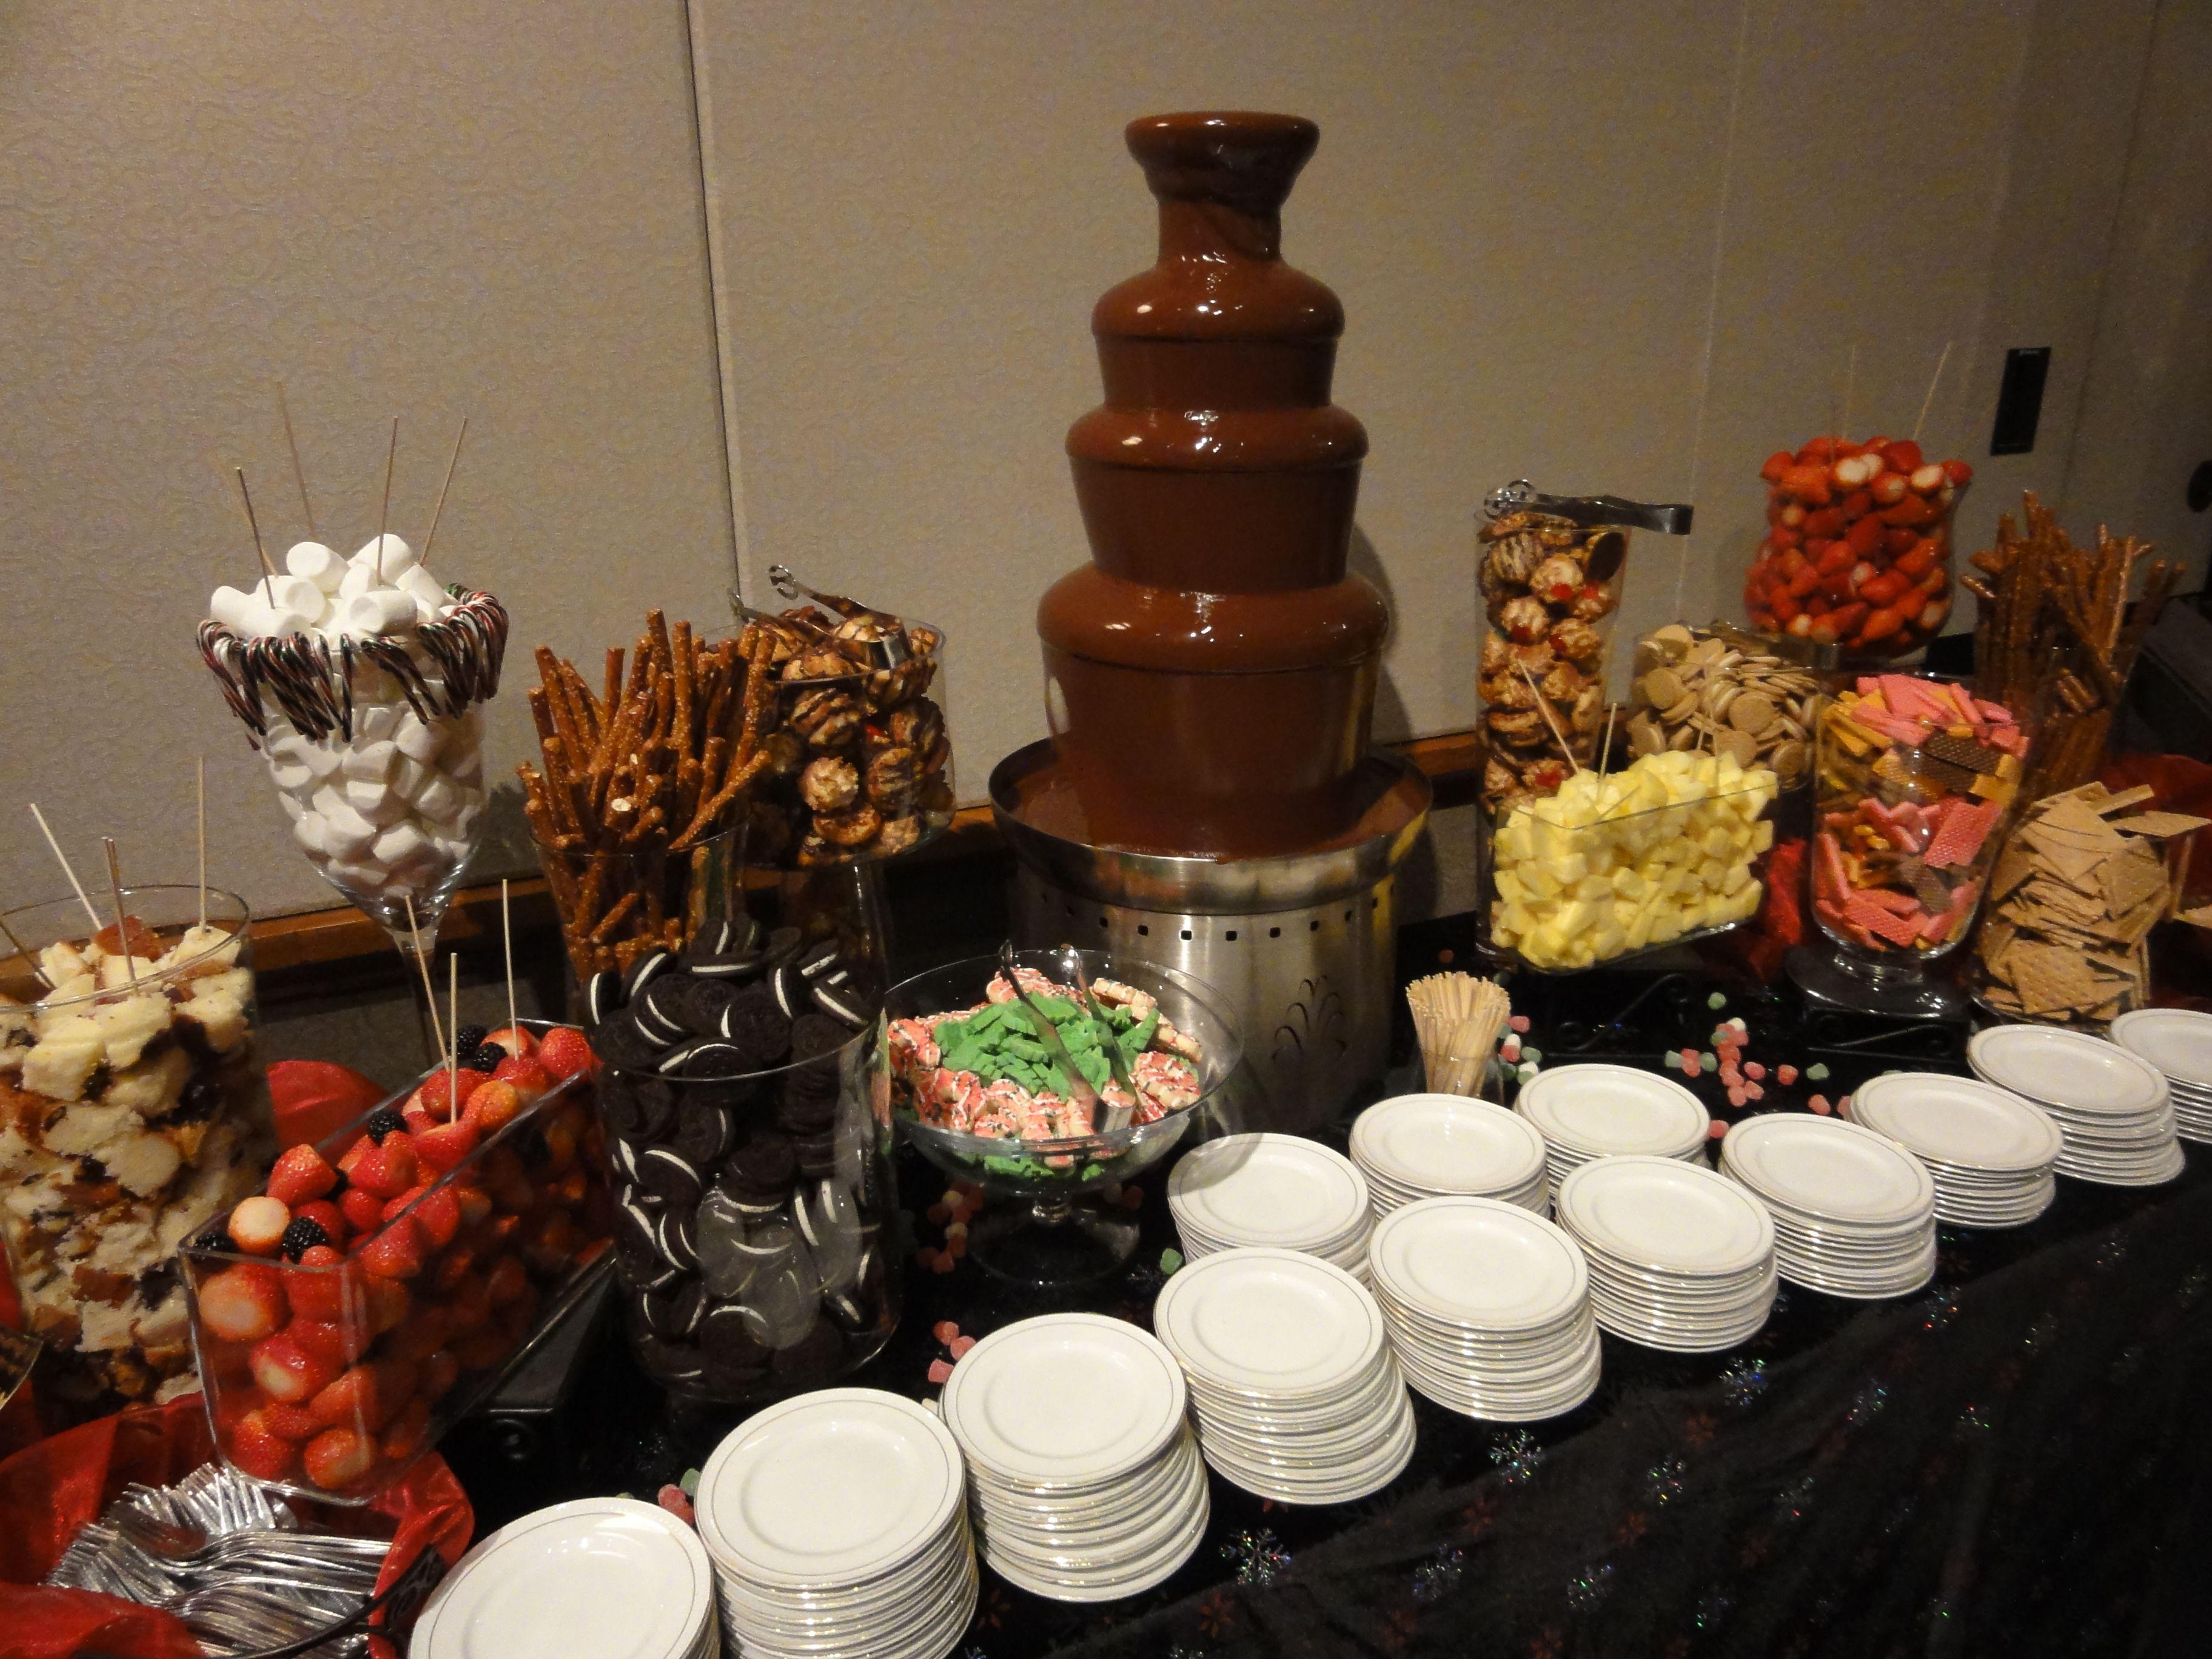 Chocolate Fountain Ideas Pinterest : Healthy Food Galerry |Chocolate Fountain Ideas